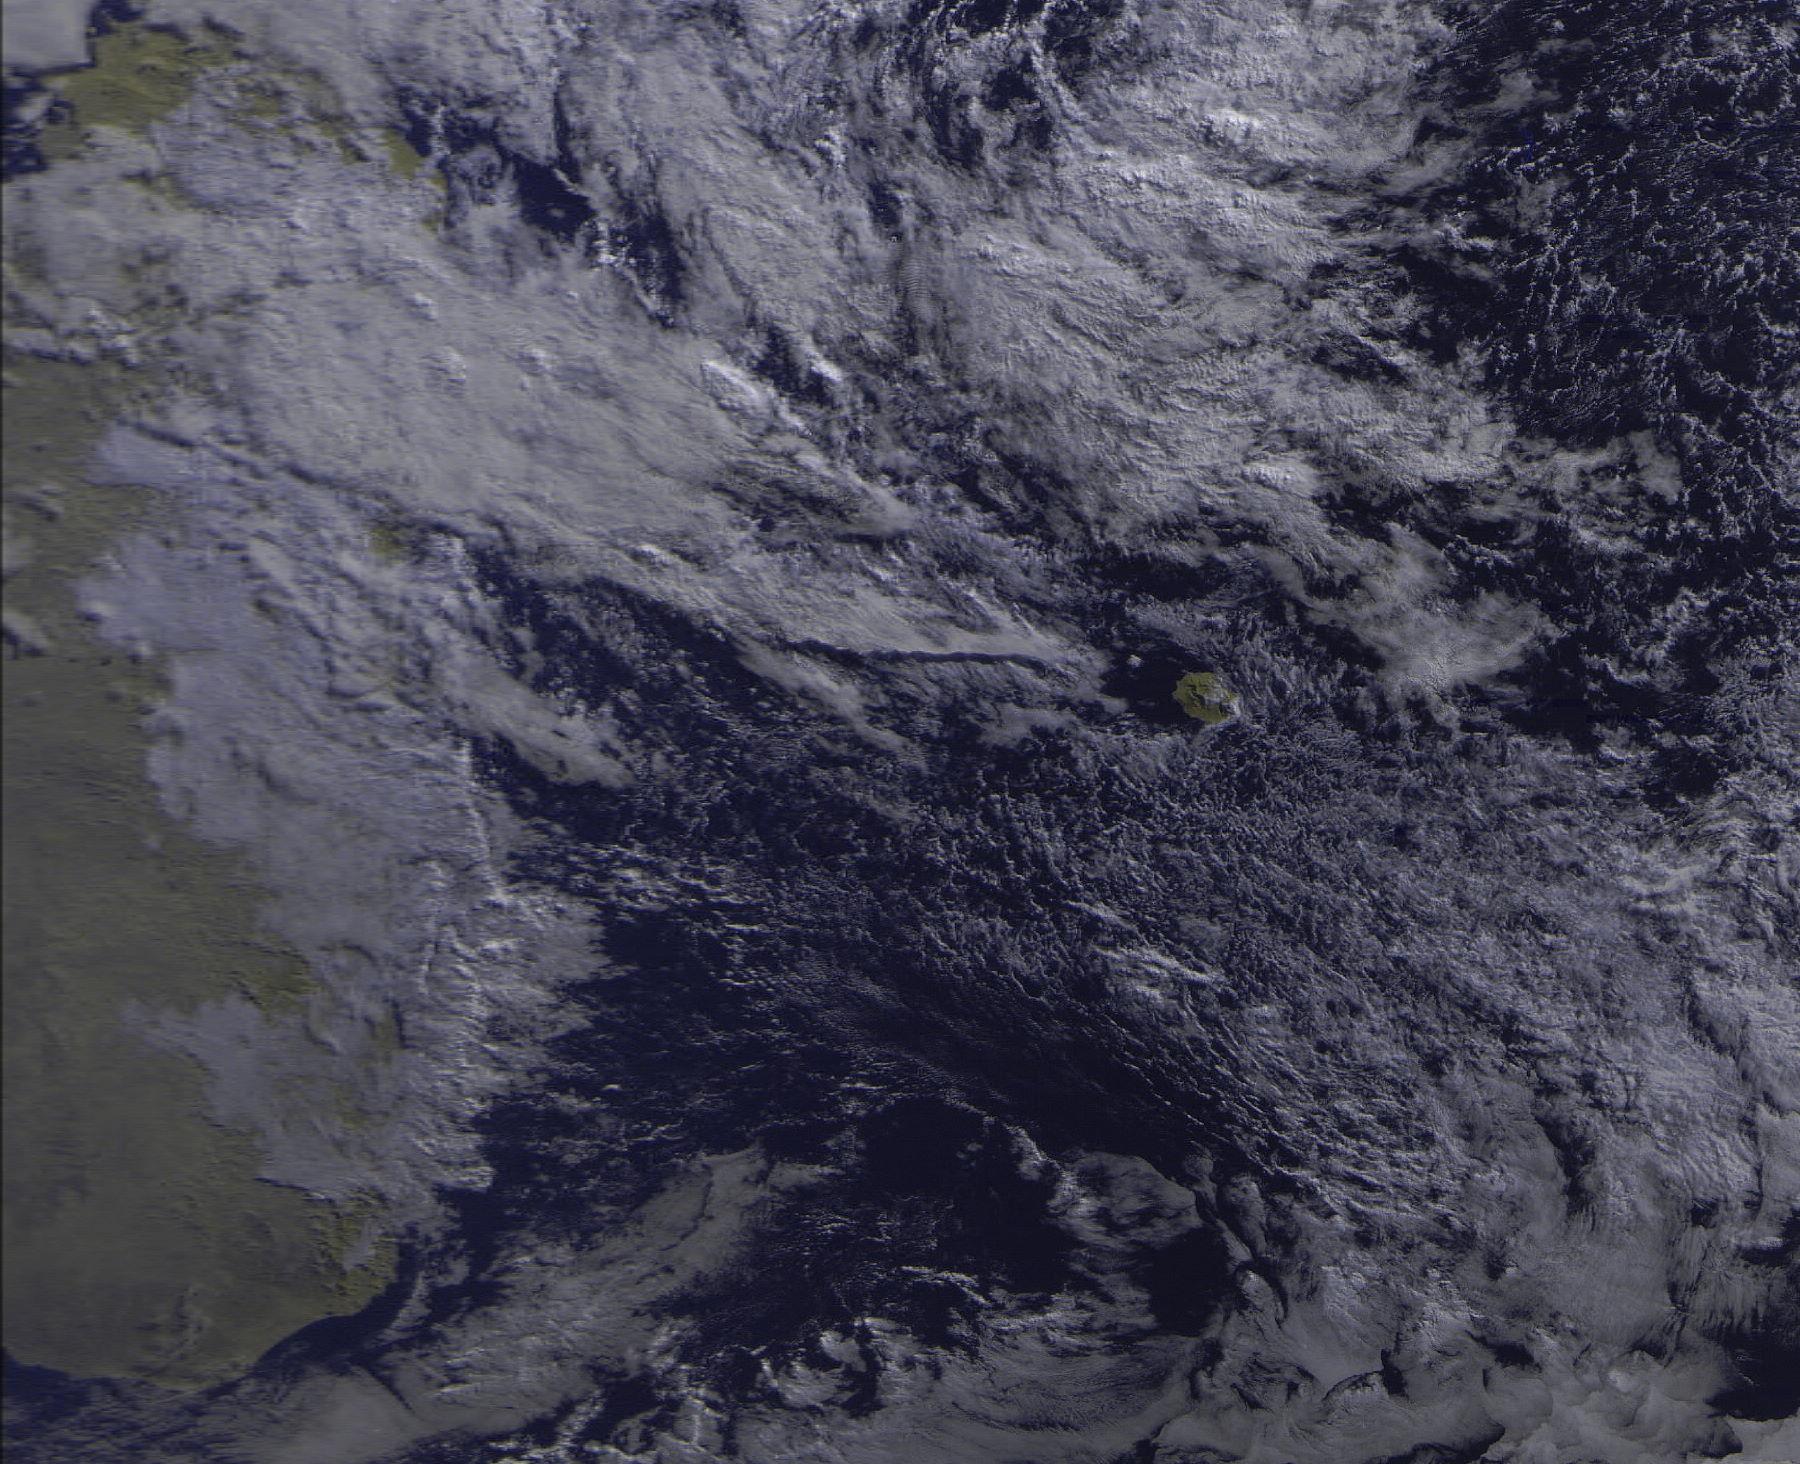 La Réunion et notre région immédiate capturées ce matin à 8h20 par le satellite russe Meteo M N2. Mon pote Jacques Gentil reçoit les images satellites directement chez lui à 4Bornes grâce à une installation péi qu'il perfectionne en ce moment. http://www.maufox.net/weather.htm